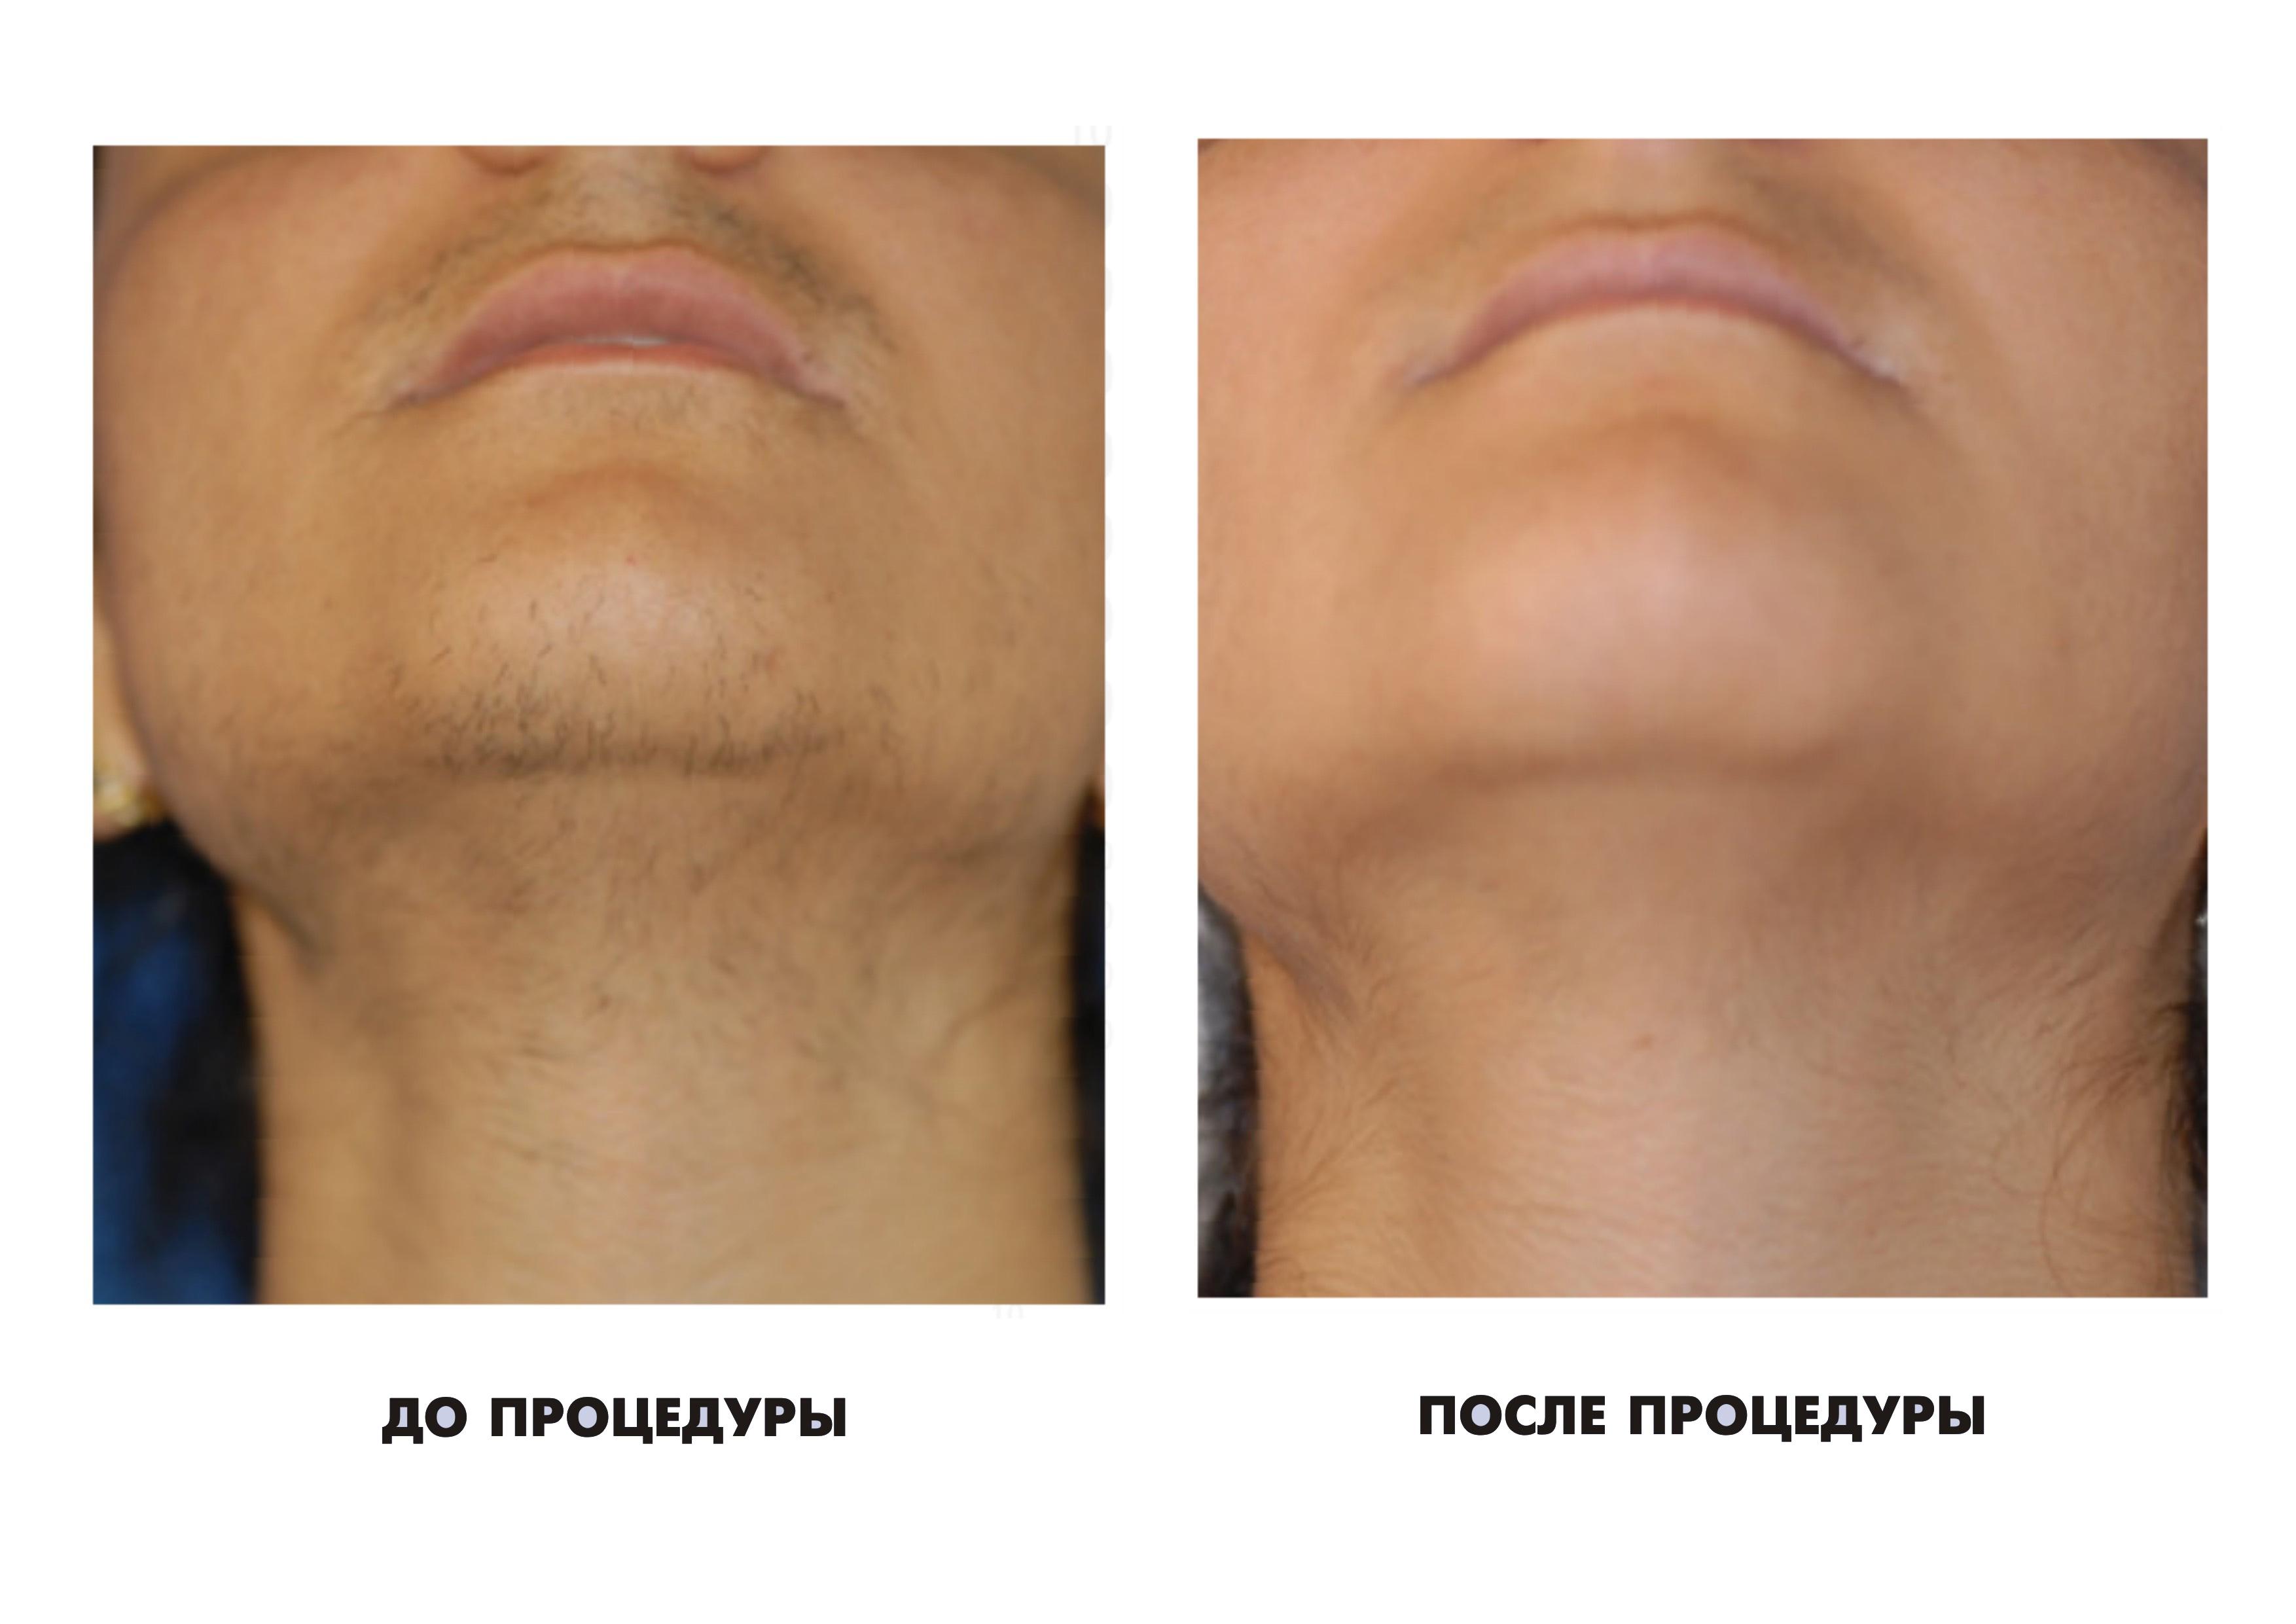 депиляция волос кремом отзывы